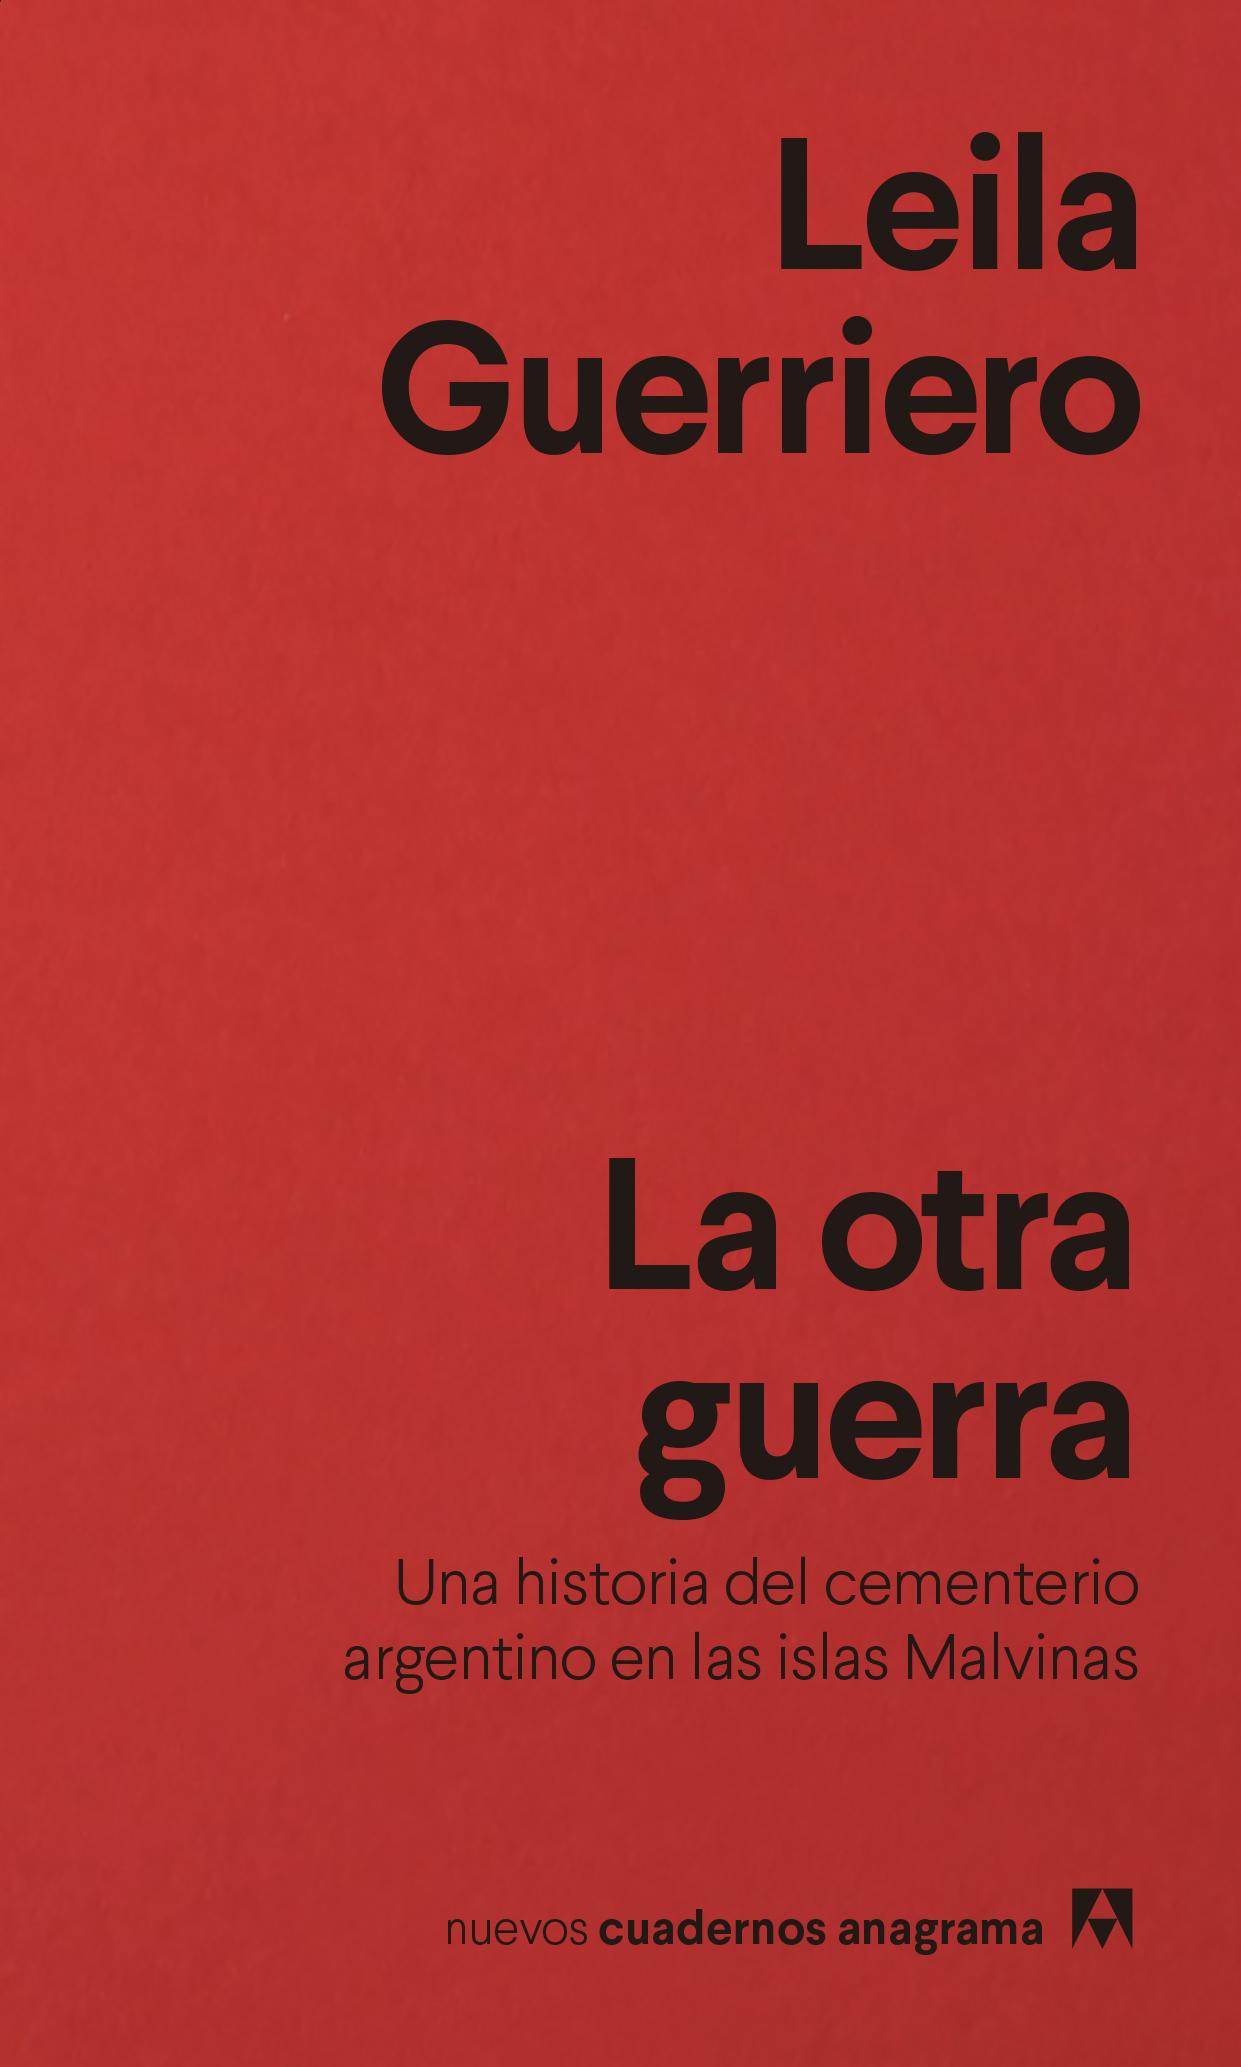 La otra guerra - Guerriero, Leila - 978-84-339-1648-8 - Editorial Anagrama